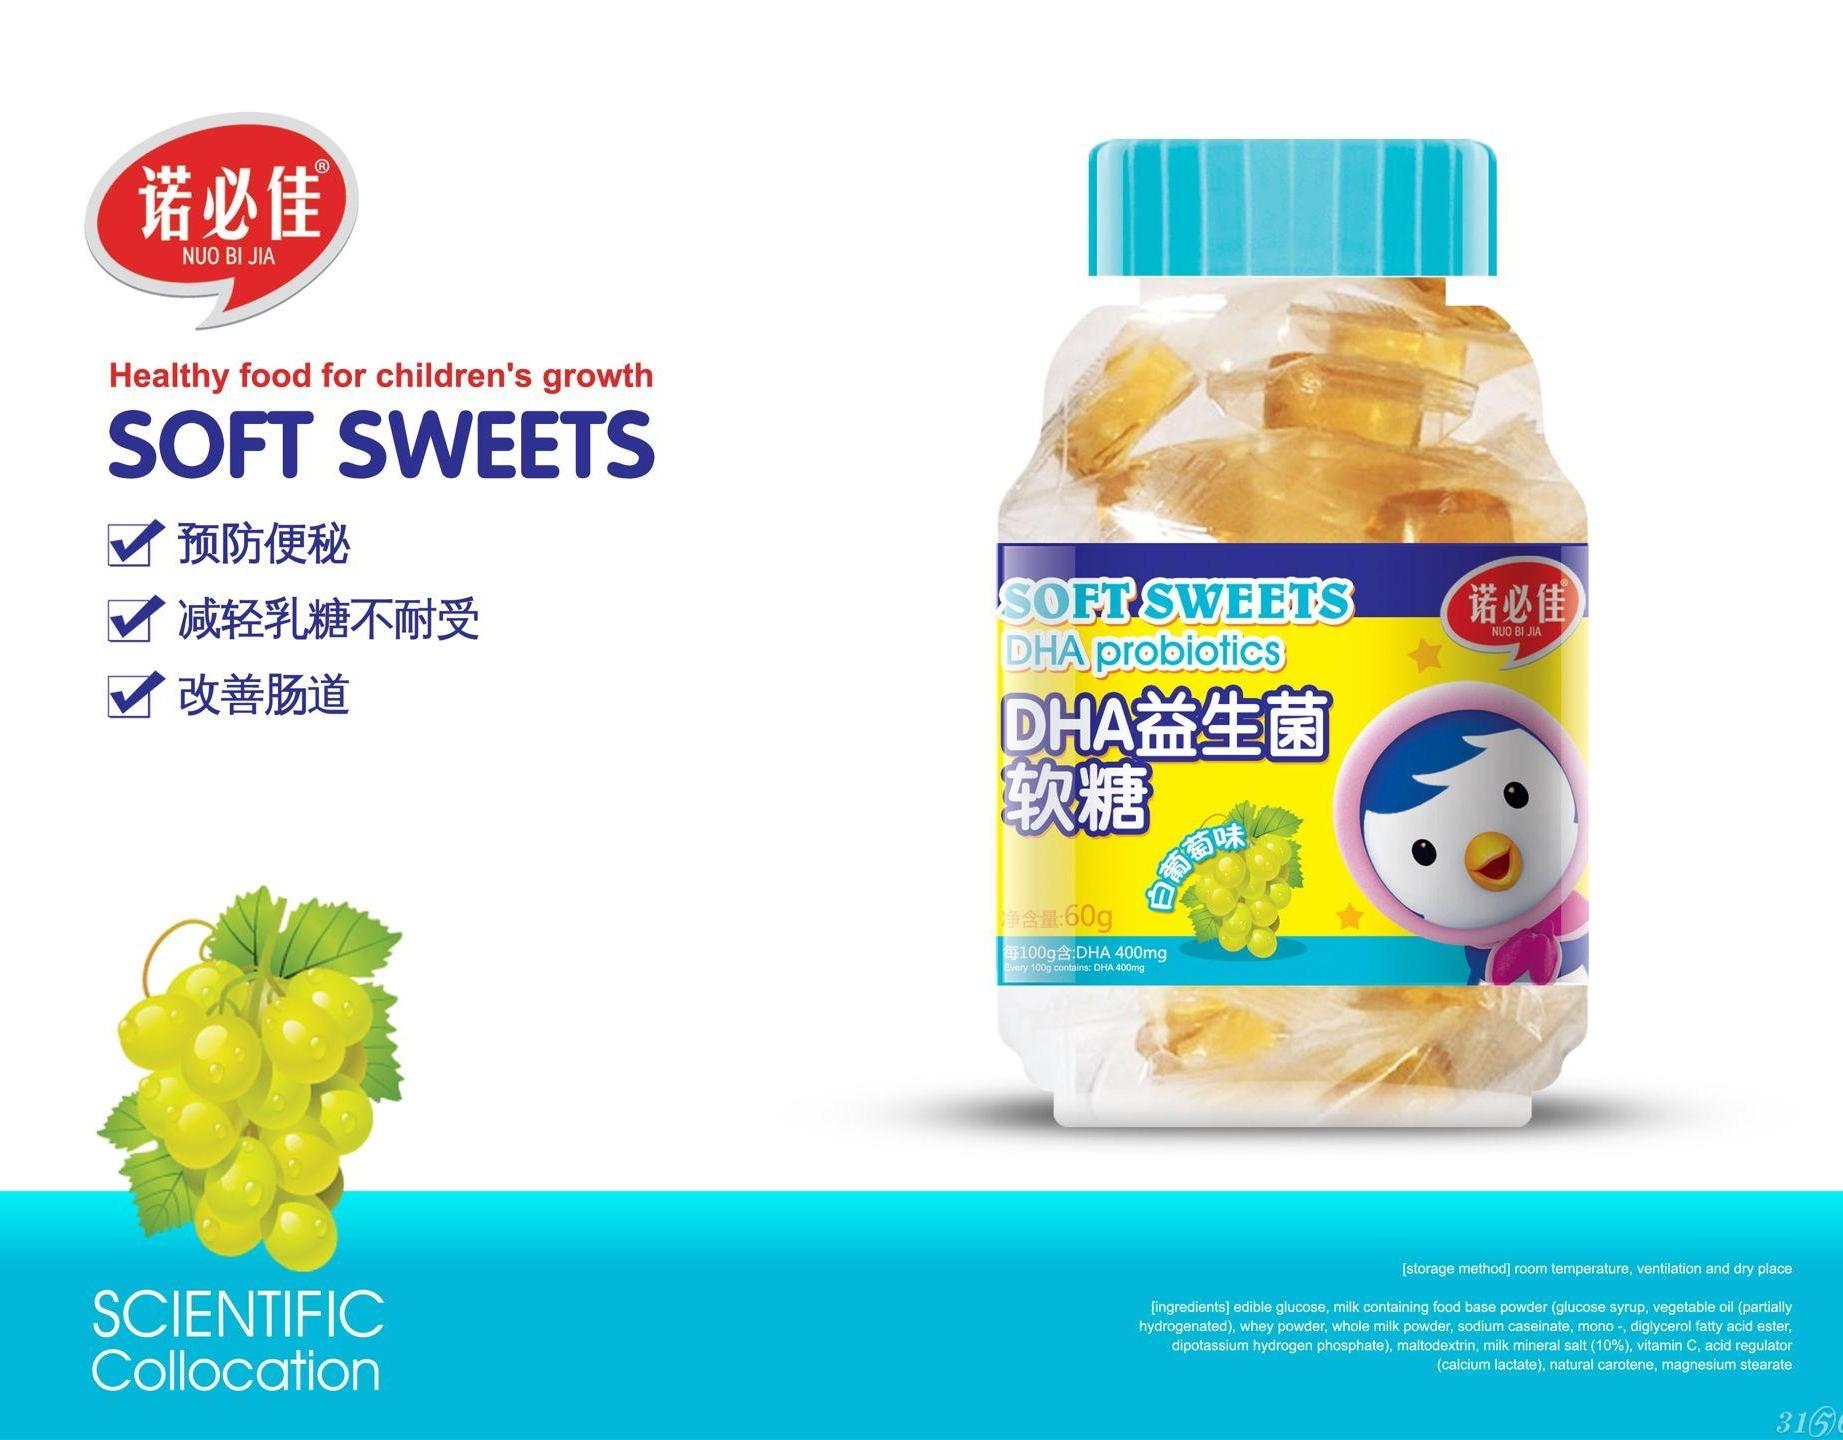 DHA益生菌软糖